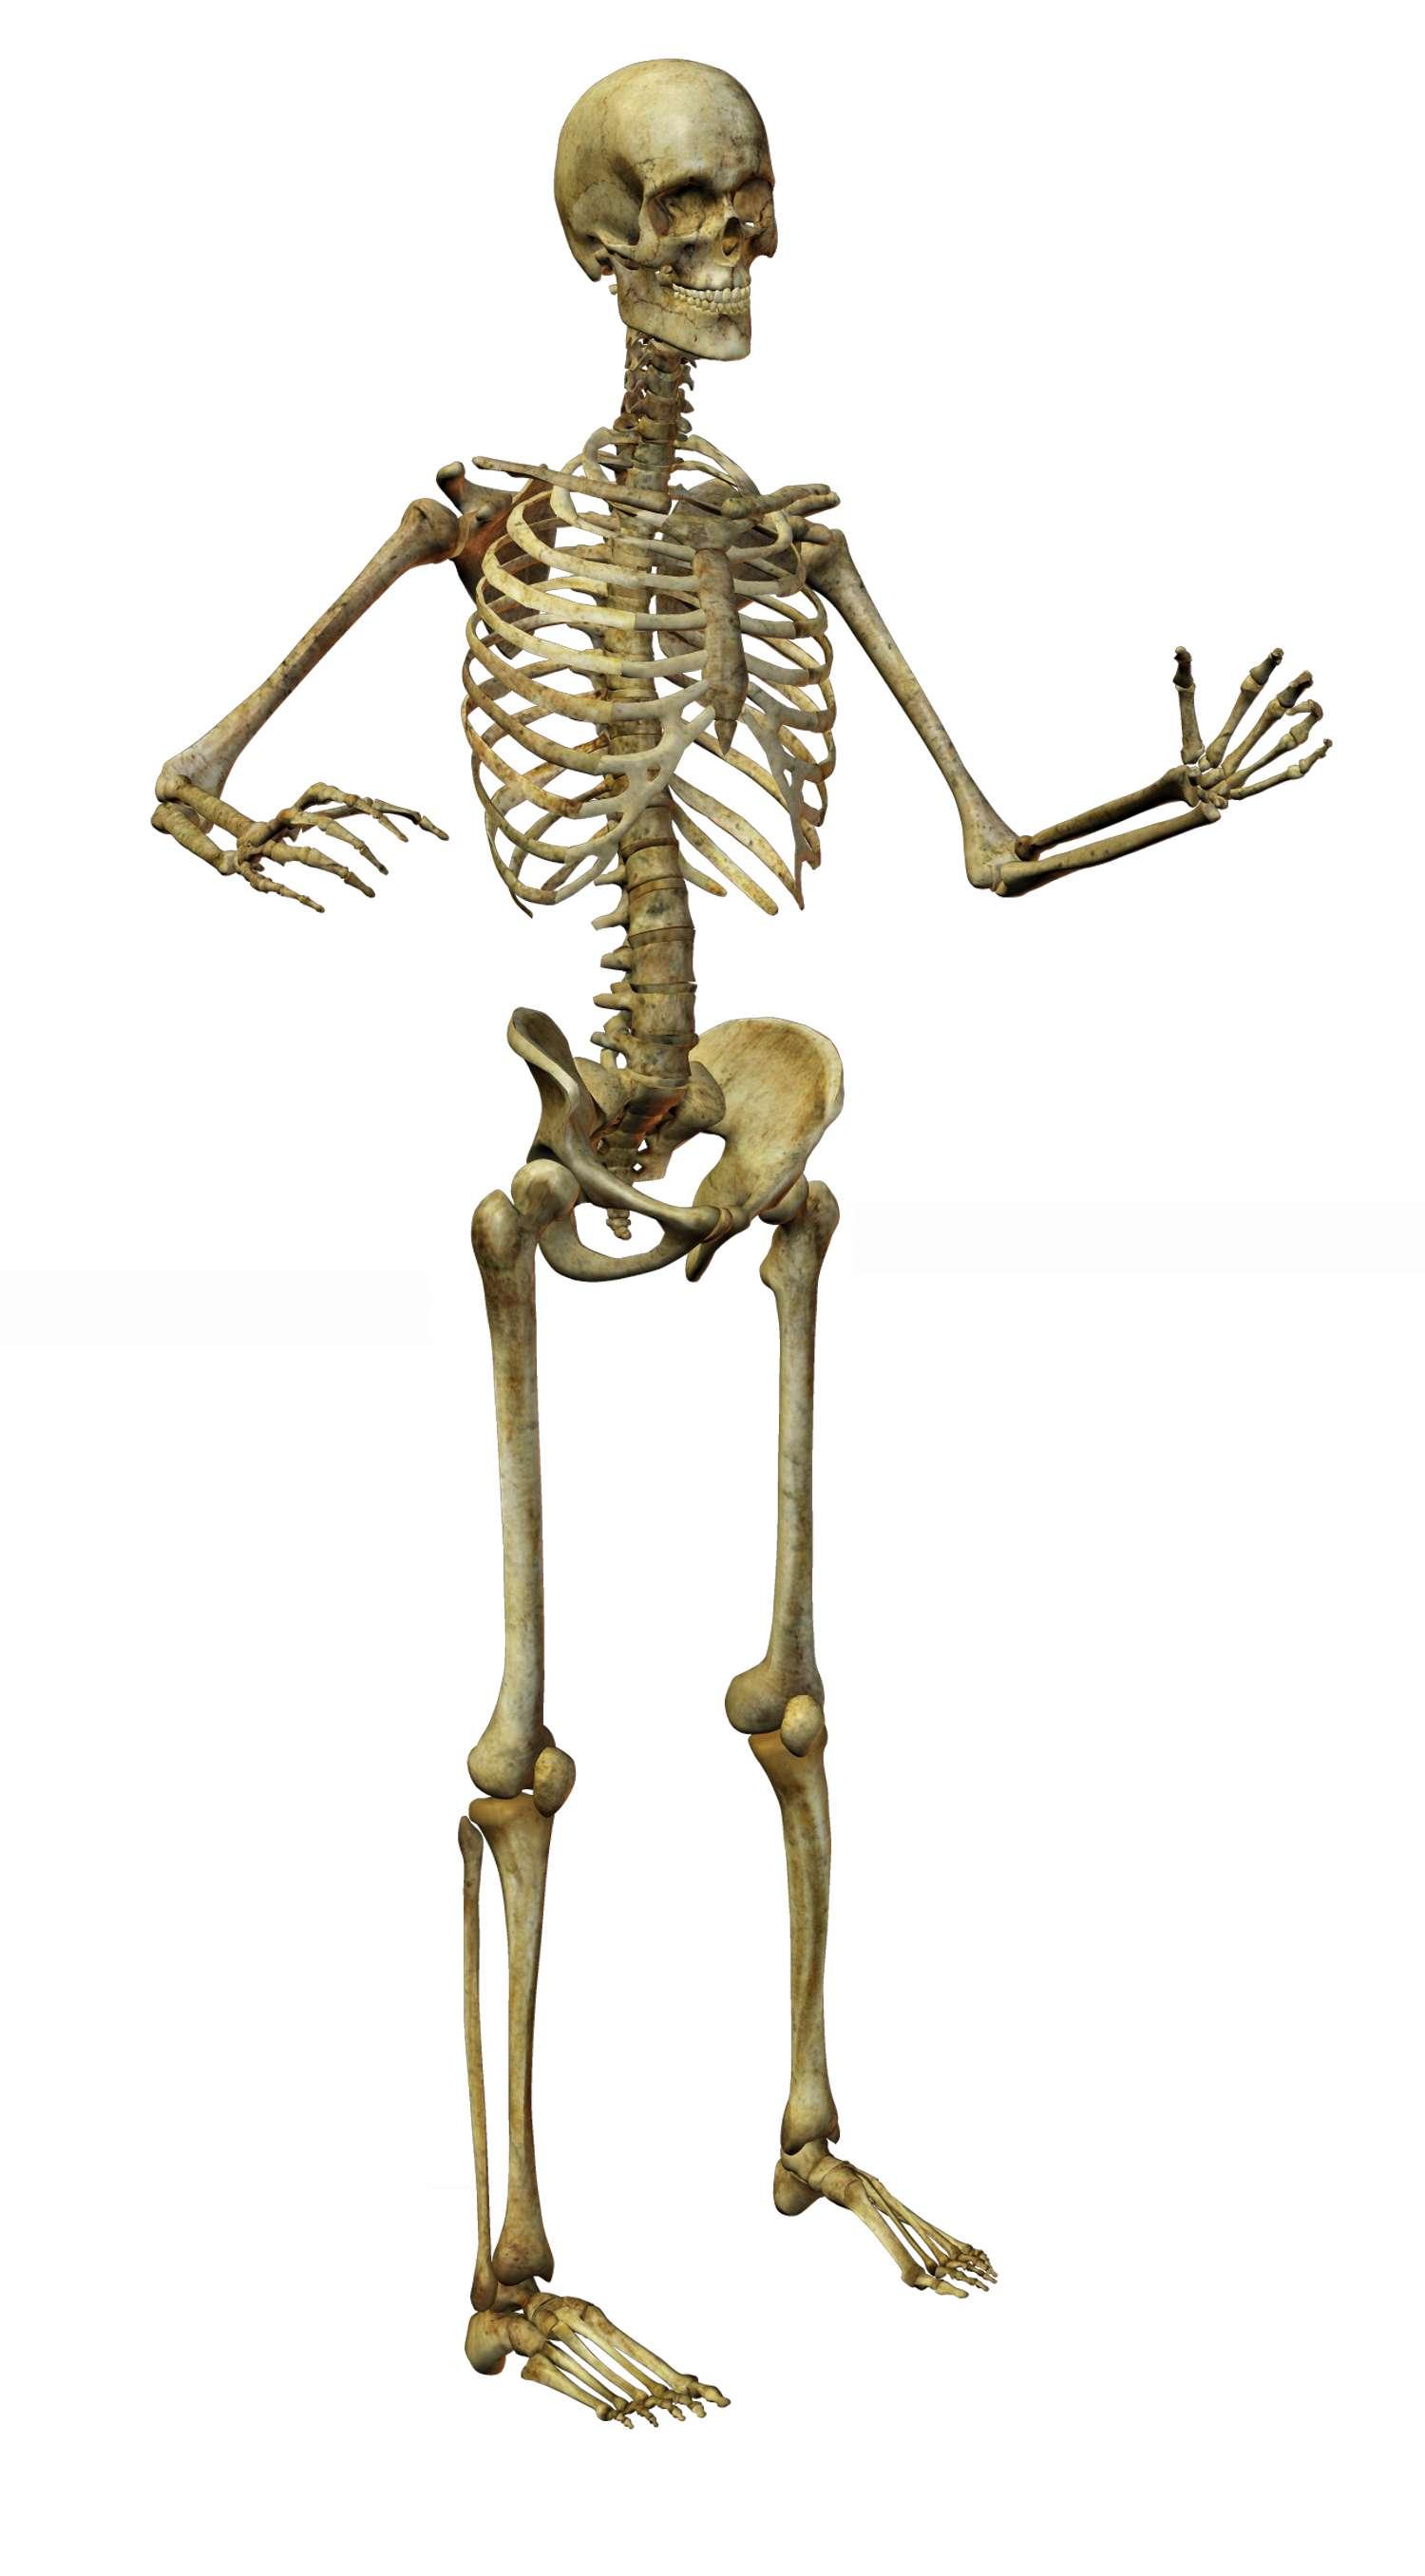 2 Imágenes de Esqueletos en Calidad Alta | Imagenes